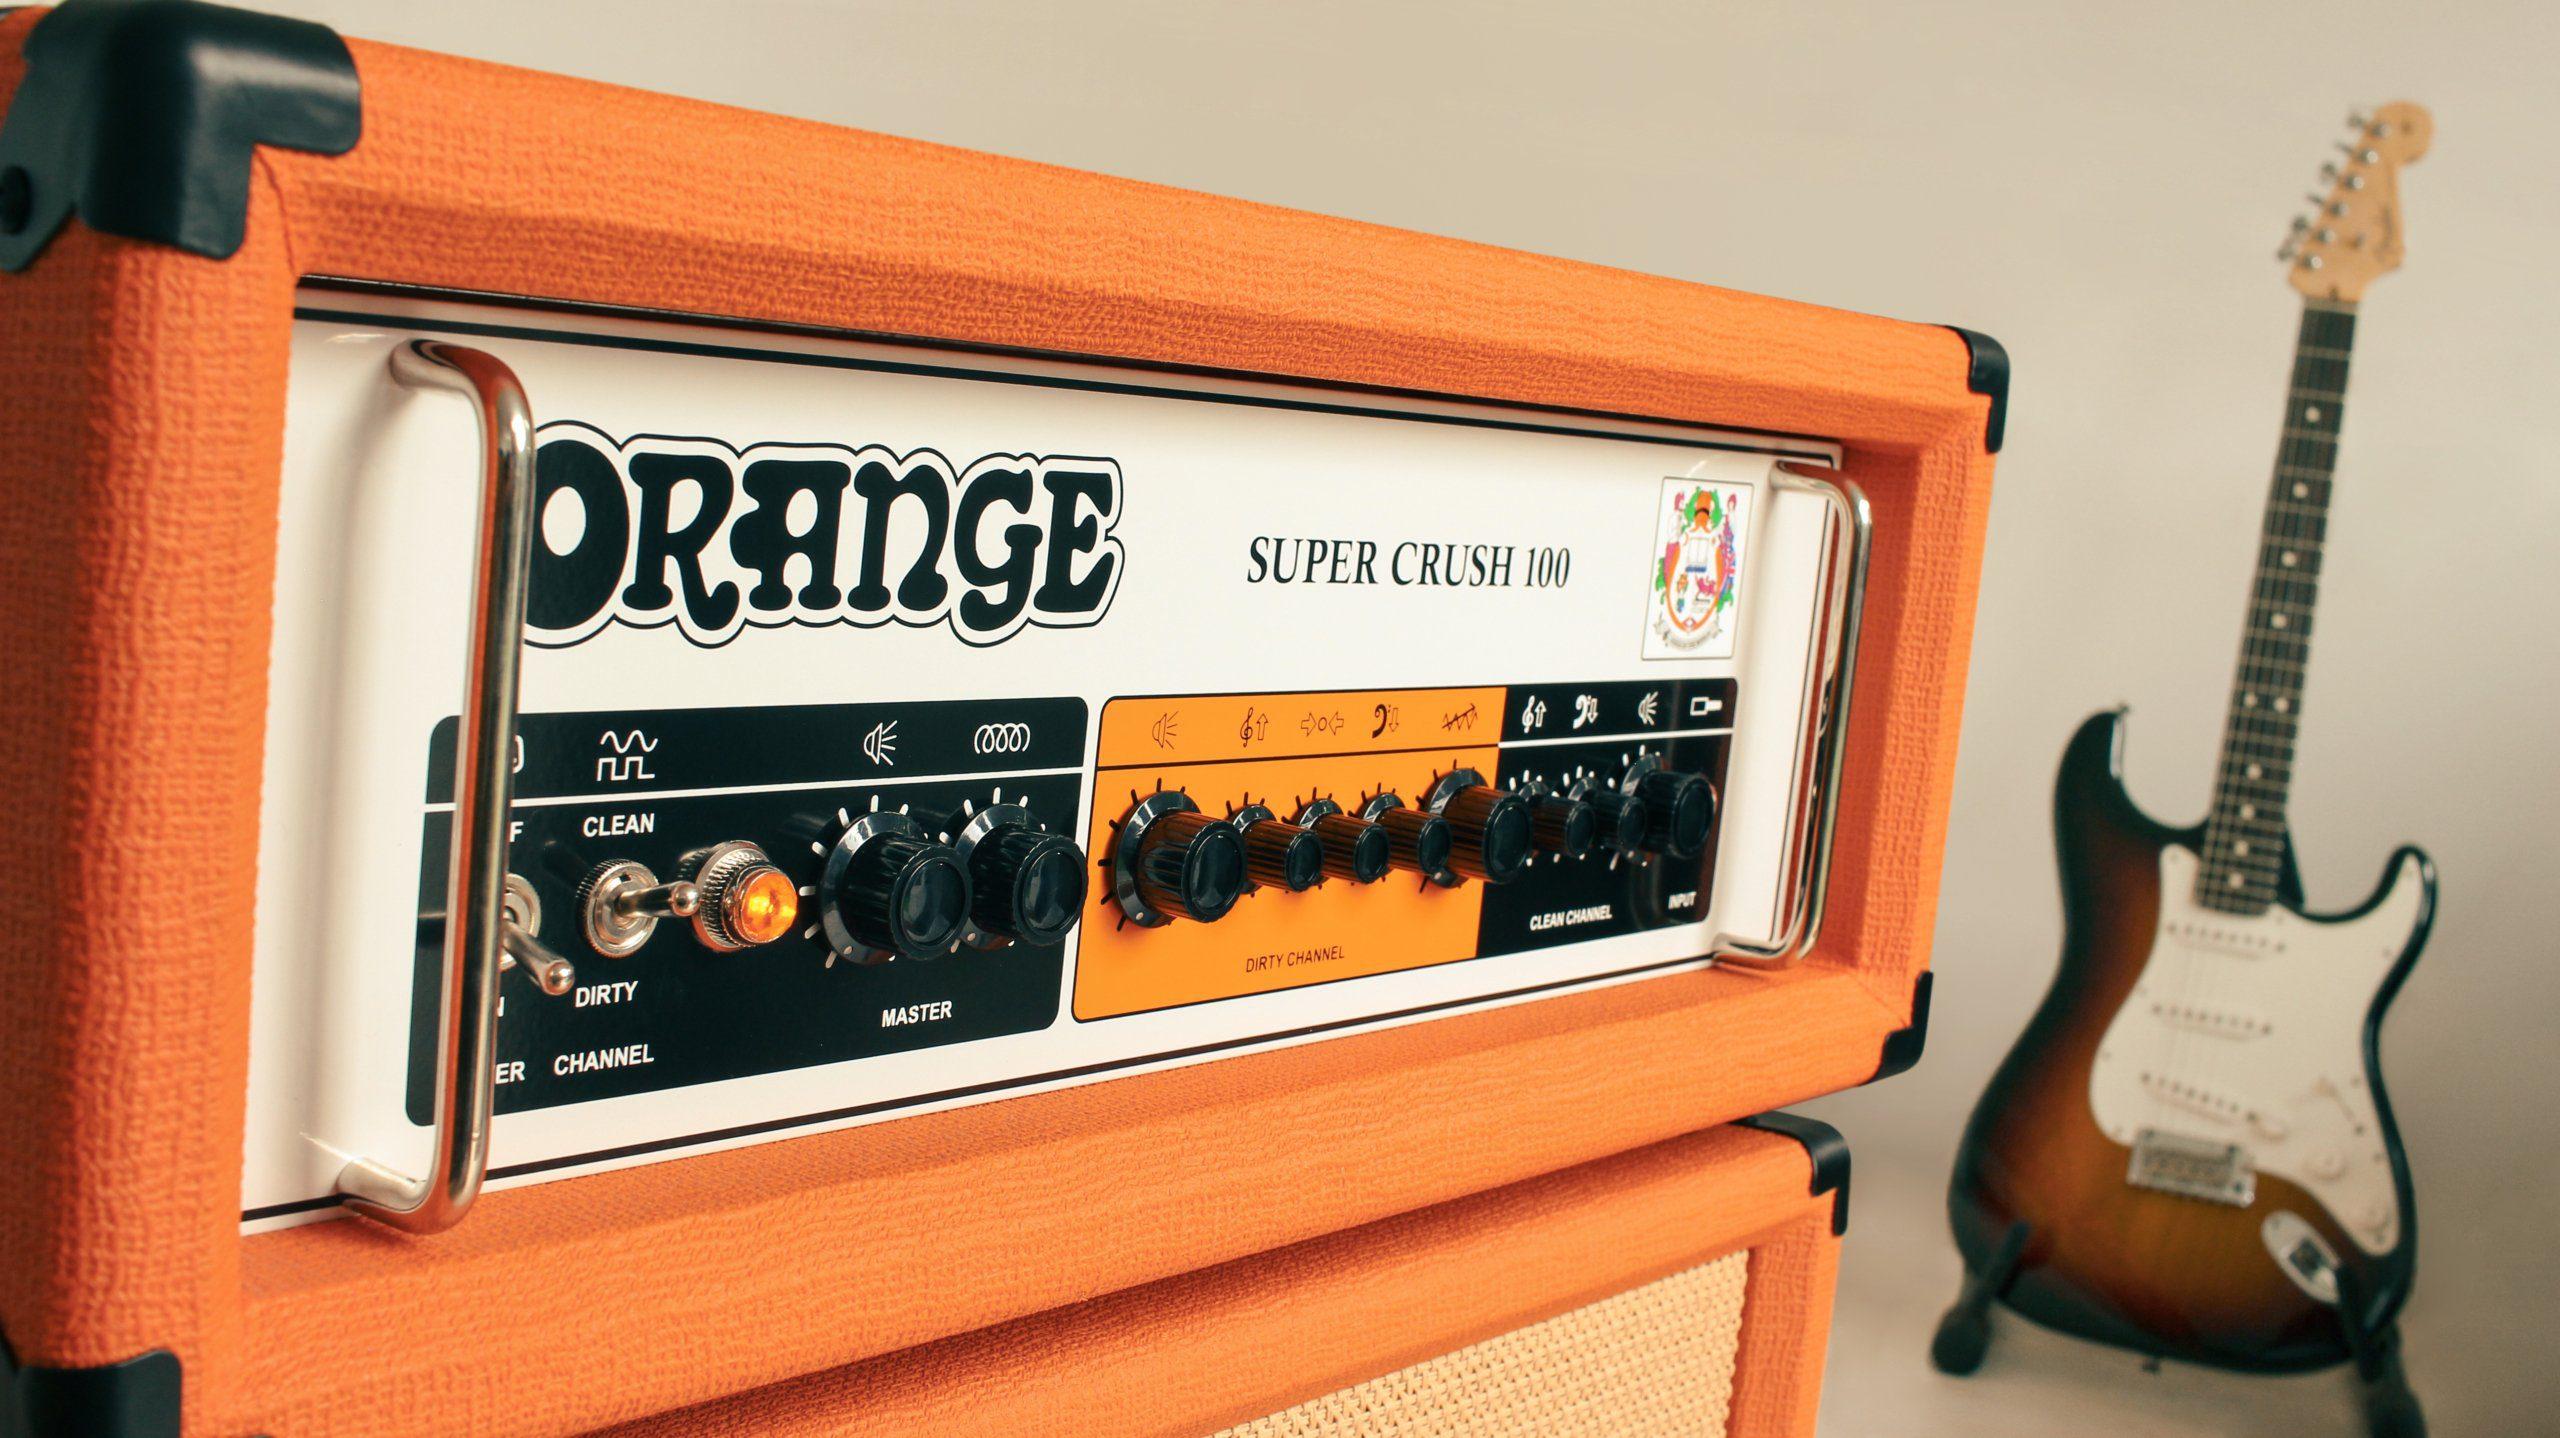 OrangeSuper Crush 100